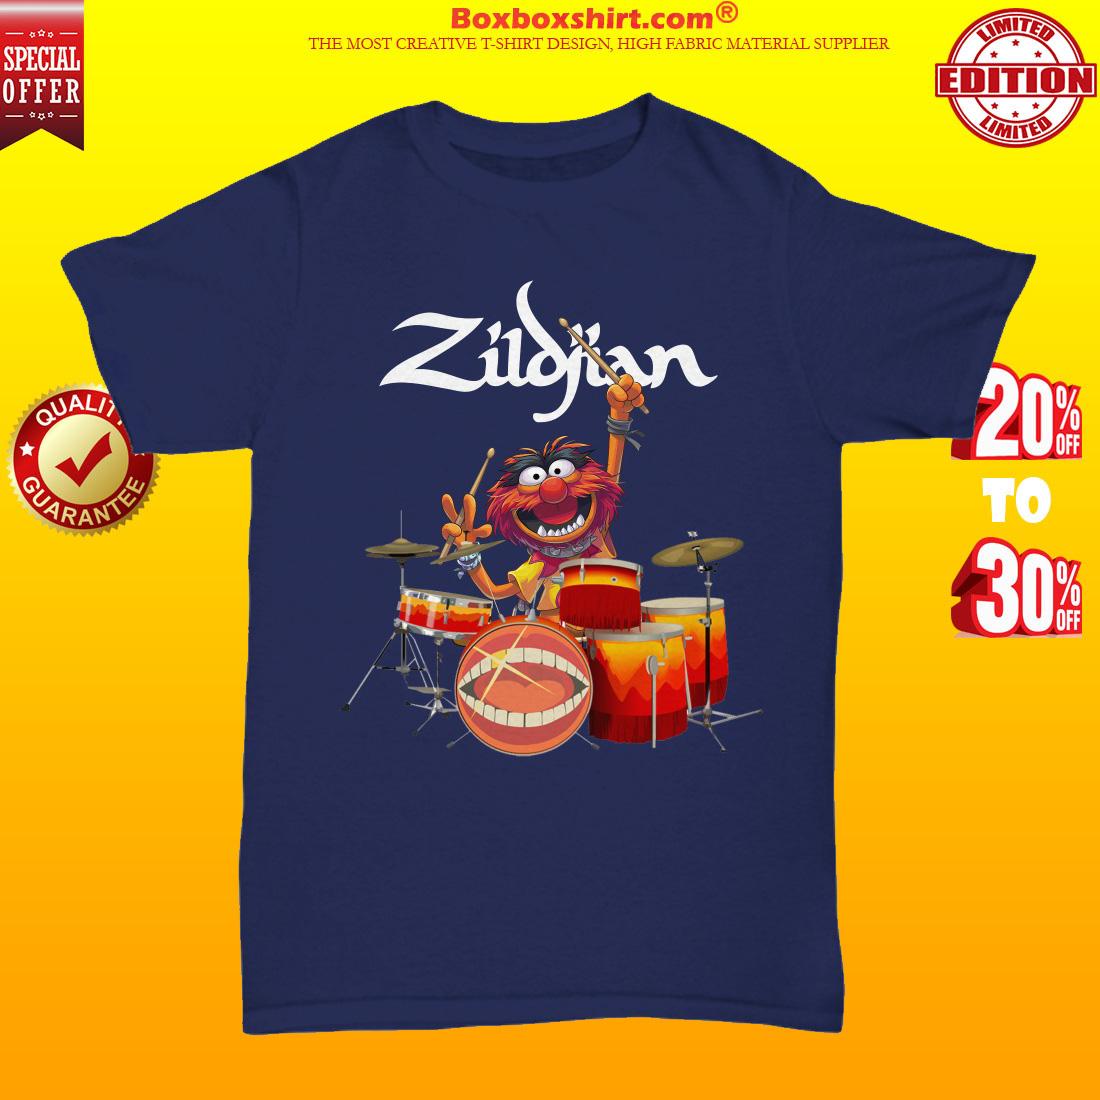 Zildjian muppet playing drums unisex tee shirt